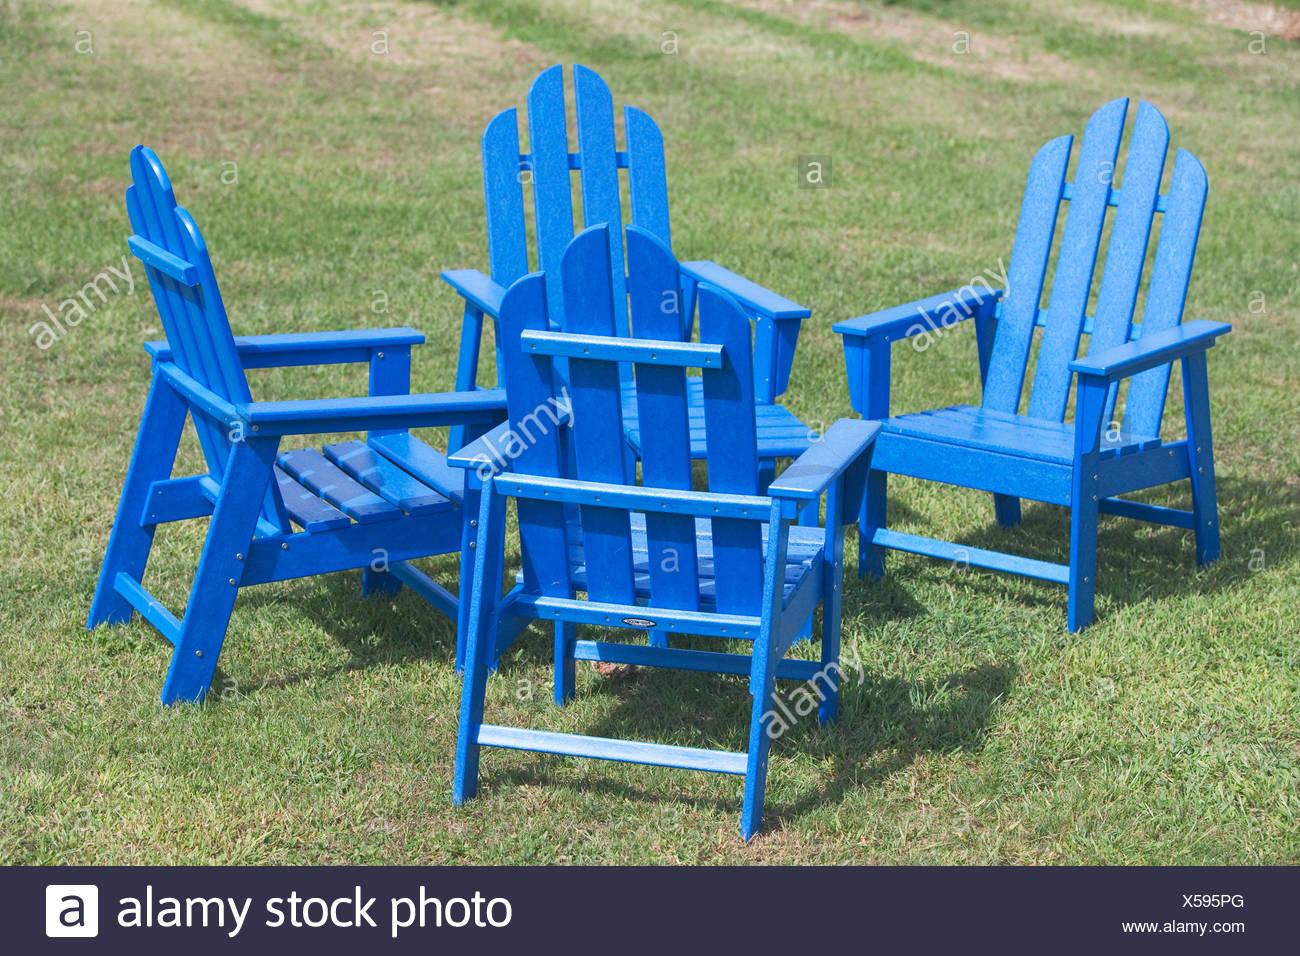 Chaises de jardin bleu Photo Stock